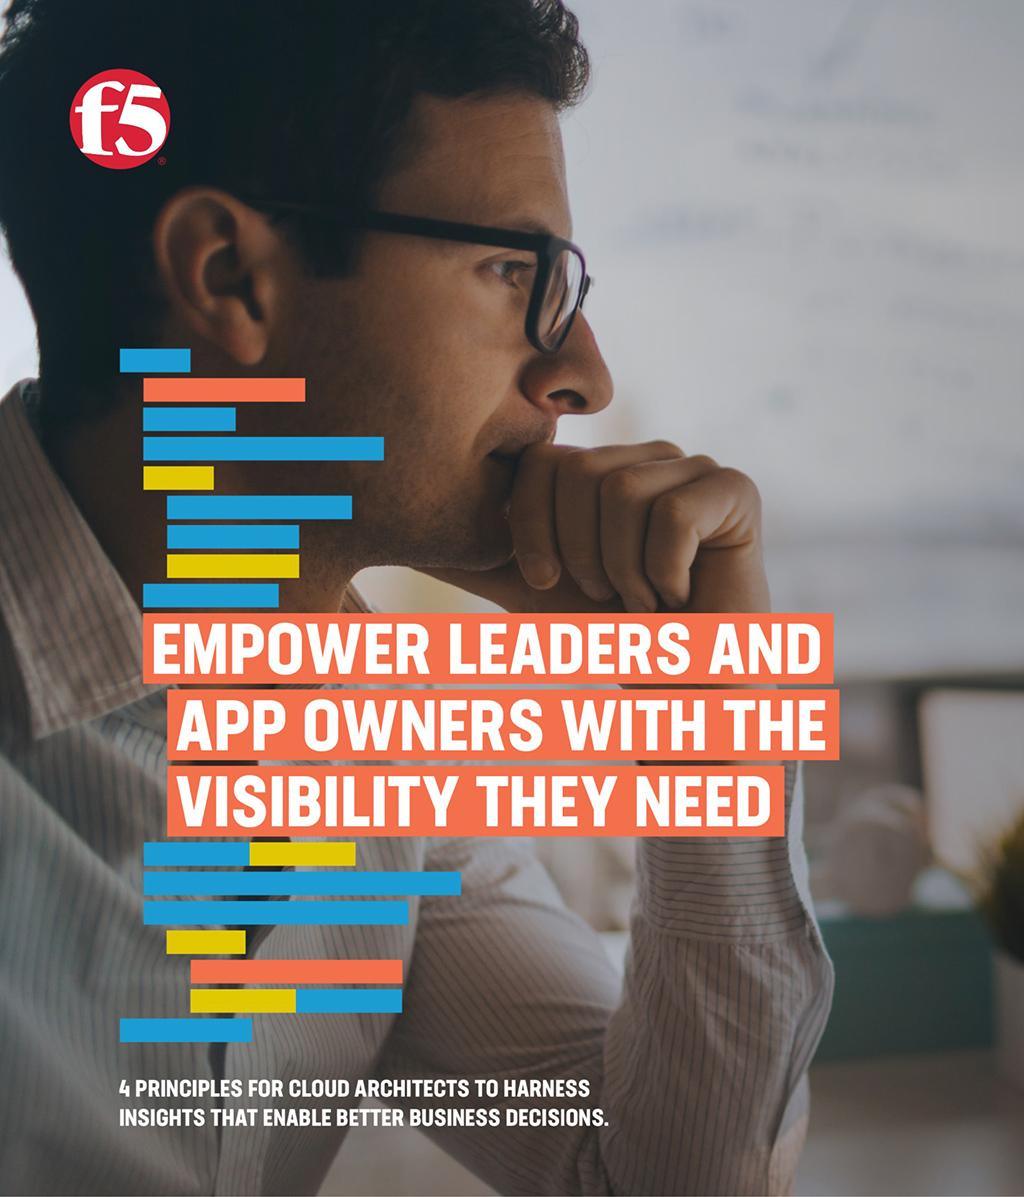 Geben Sie Führungskräften und App-Betreibern die Sichtbarkeit, die sie benötigen